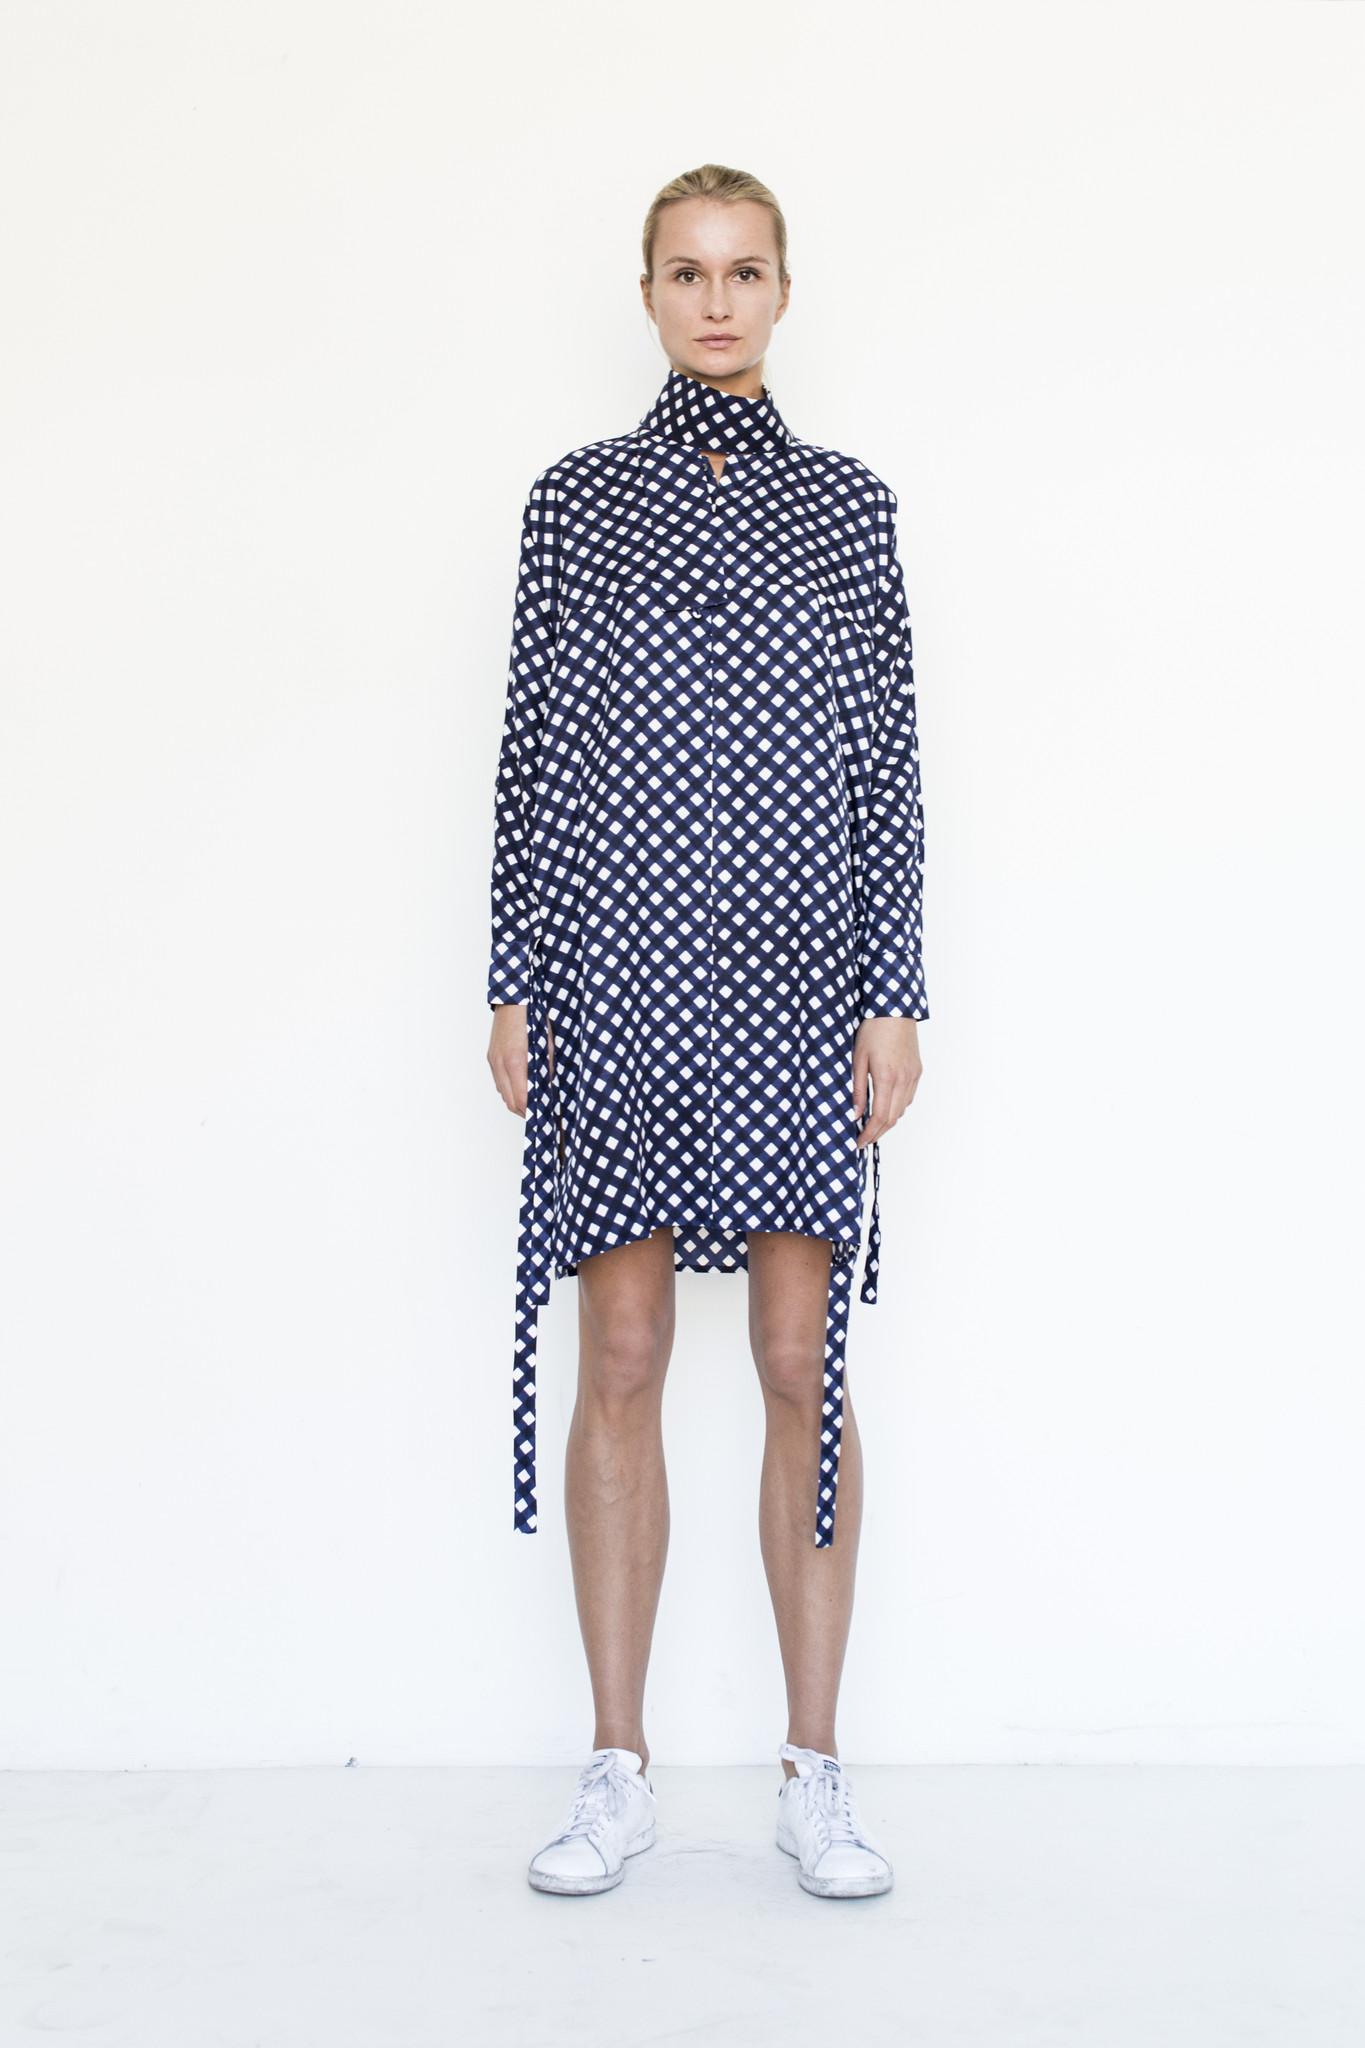 ffixxed collar dress from assembly garmentory